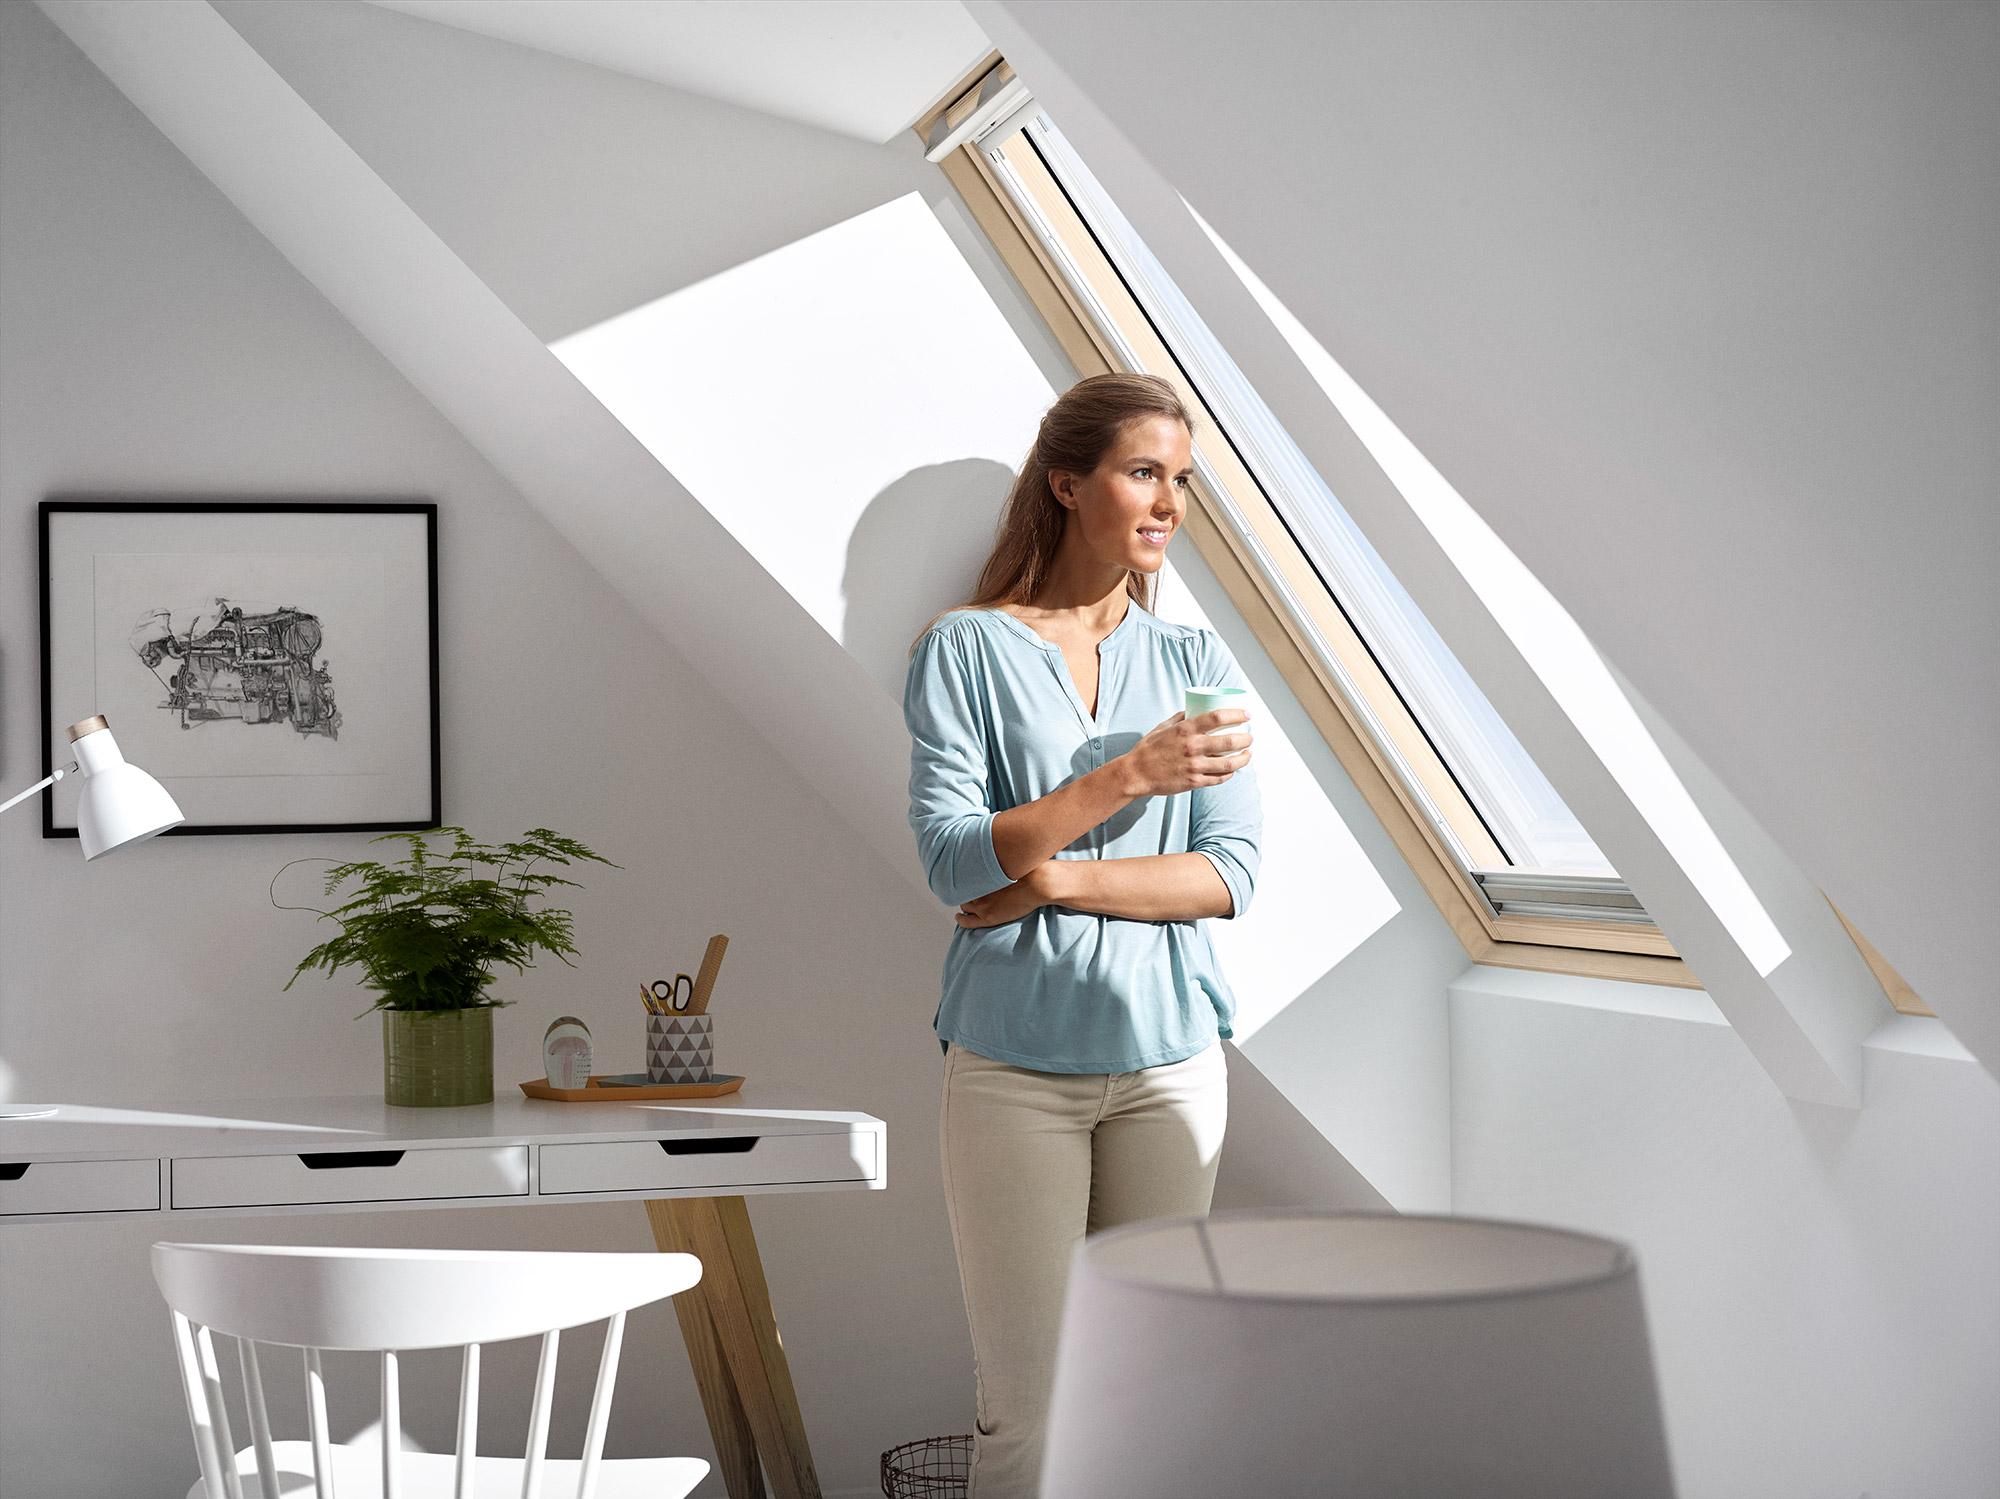 Finestre per tetti velux con apertura a bilico for Finestre velux per tetti